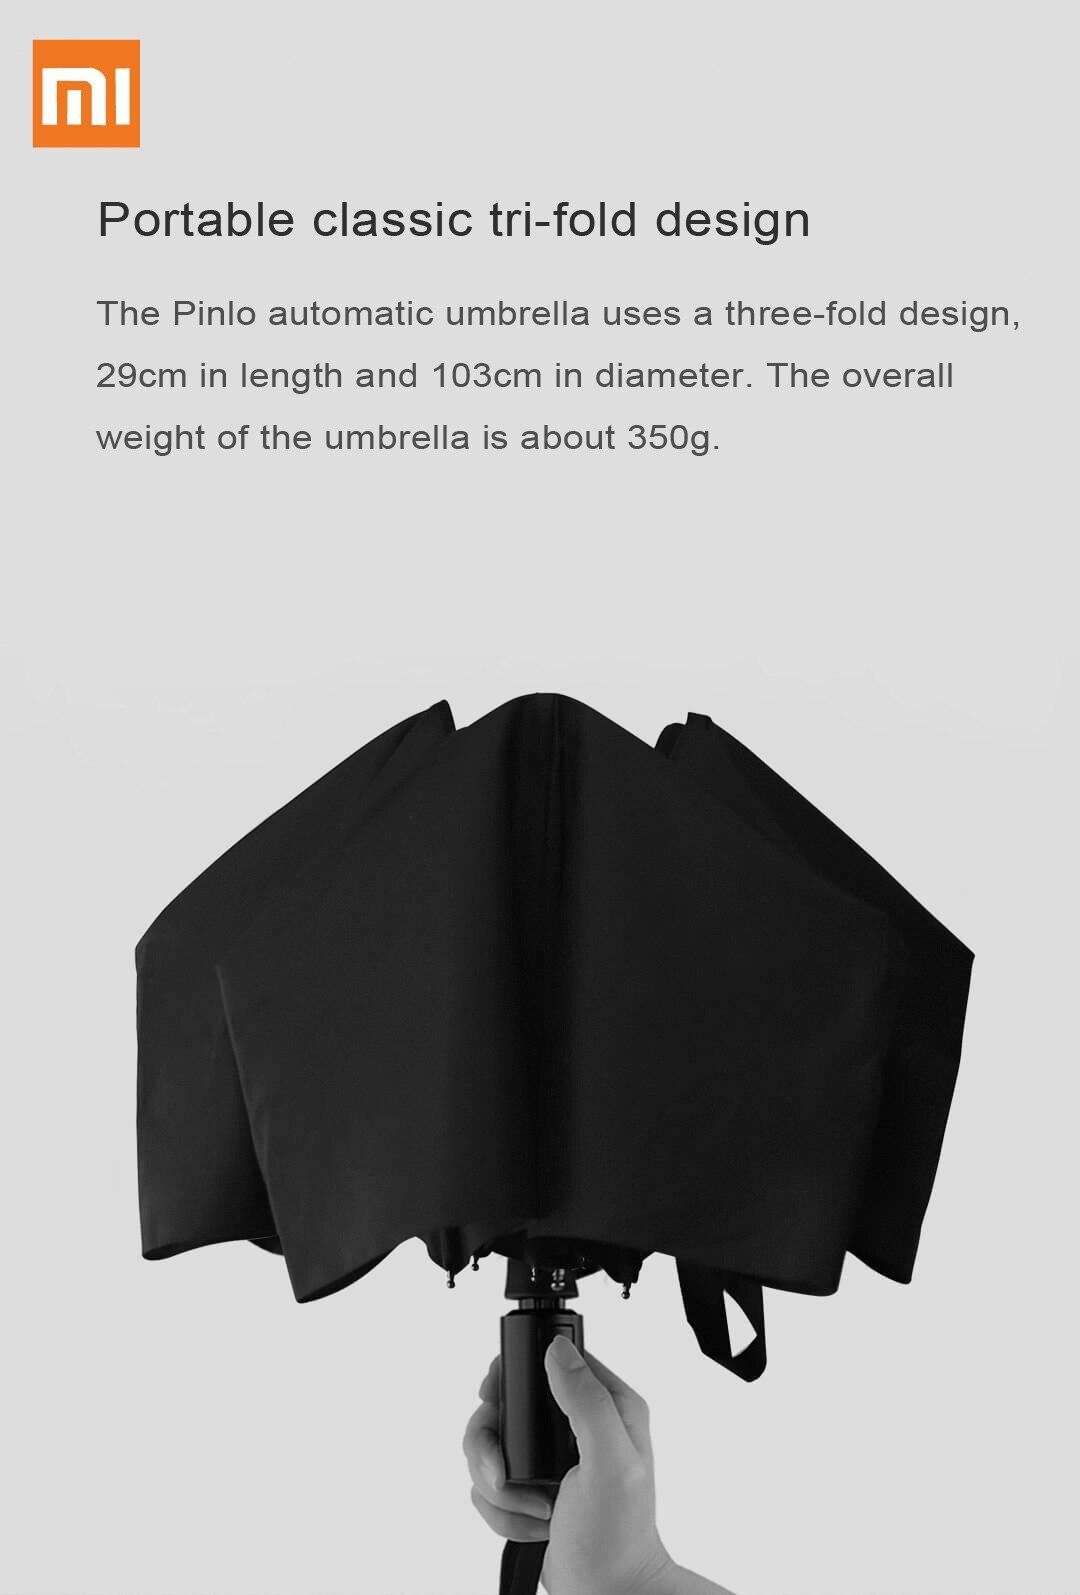 Зонт Xiaomi Pinlo автоматический Солнечный дождь алюминиевый ветронепроницаемый водонепроницаемый ультрафиолетовый луч